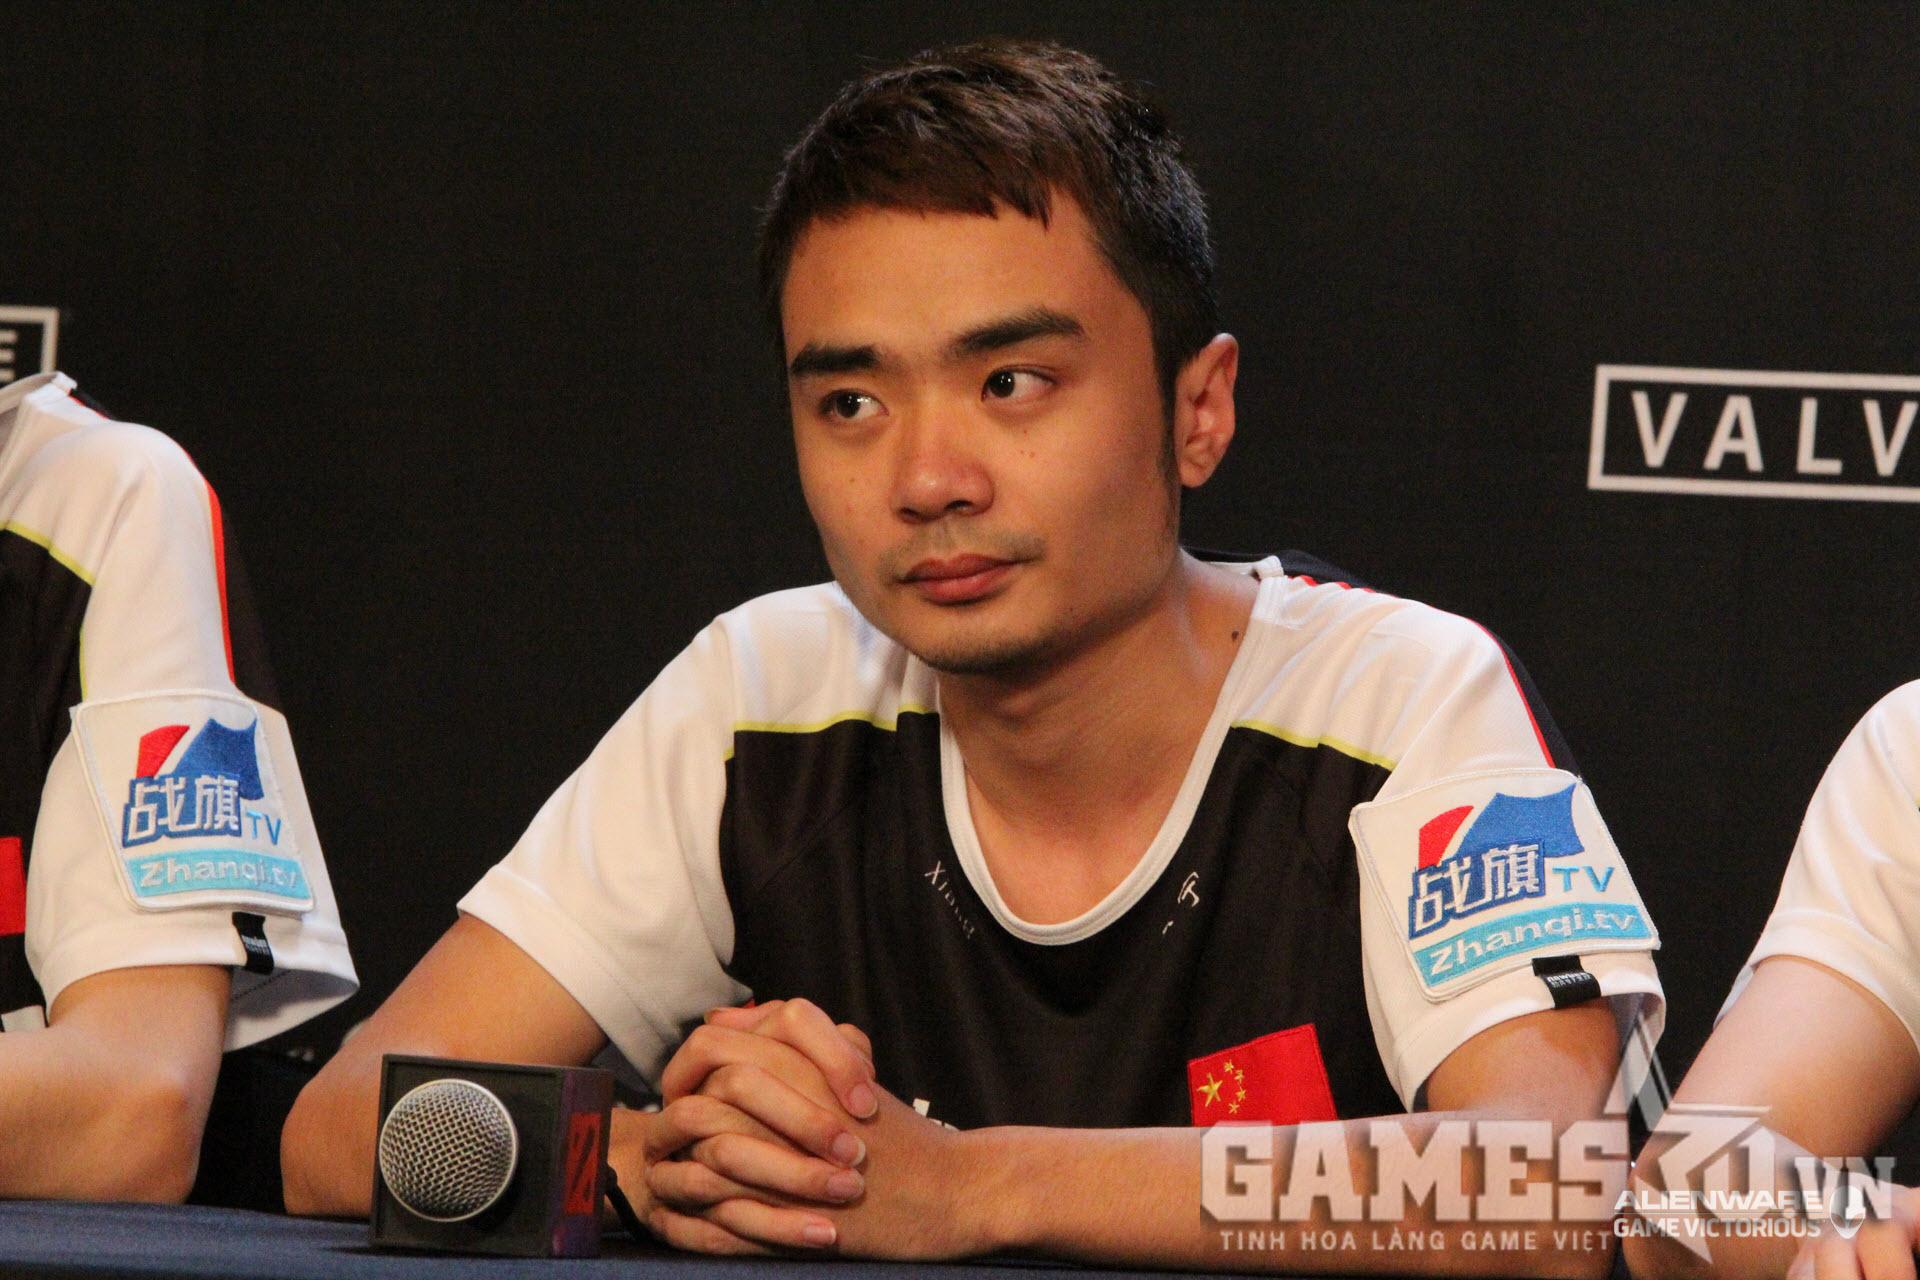 [DOTA 2] Xiao8 gia nhập team LGD với mức giá kỷ lục: gần 7 tỷ đồng